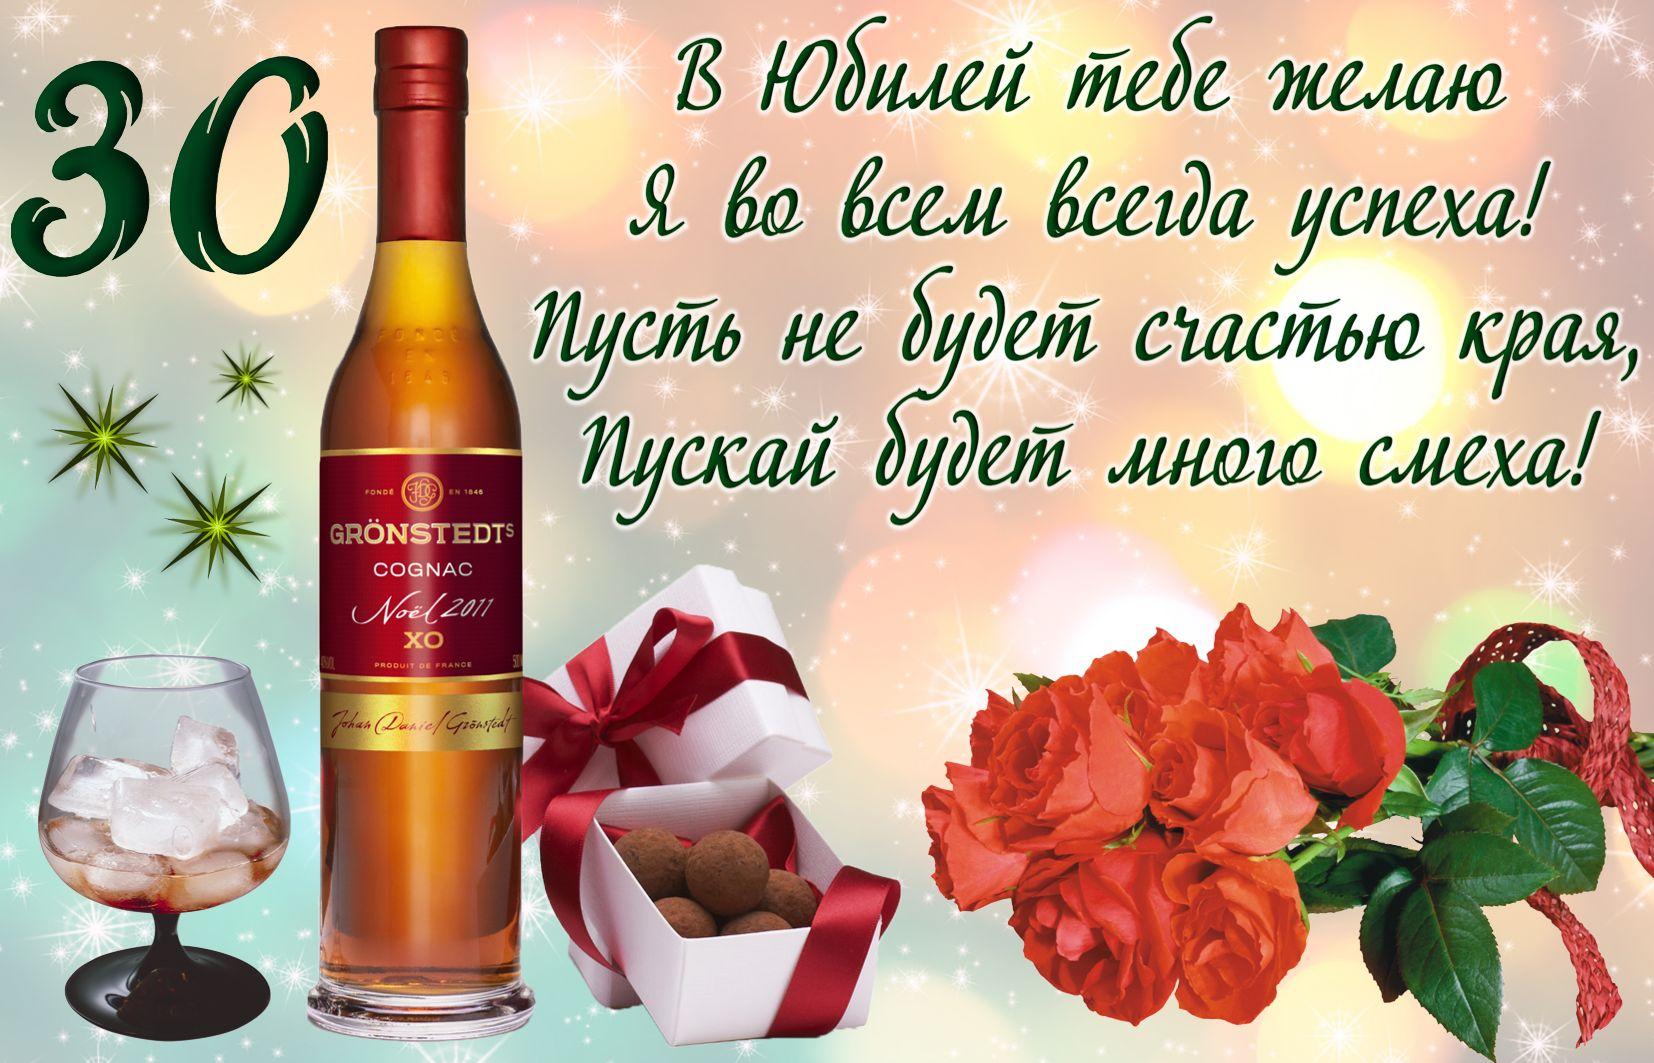 Открытка - коньяк, конфеты и цветы на юбилей